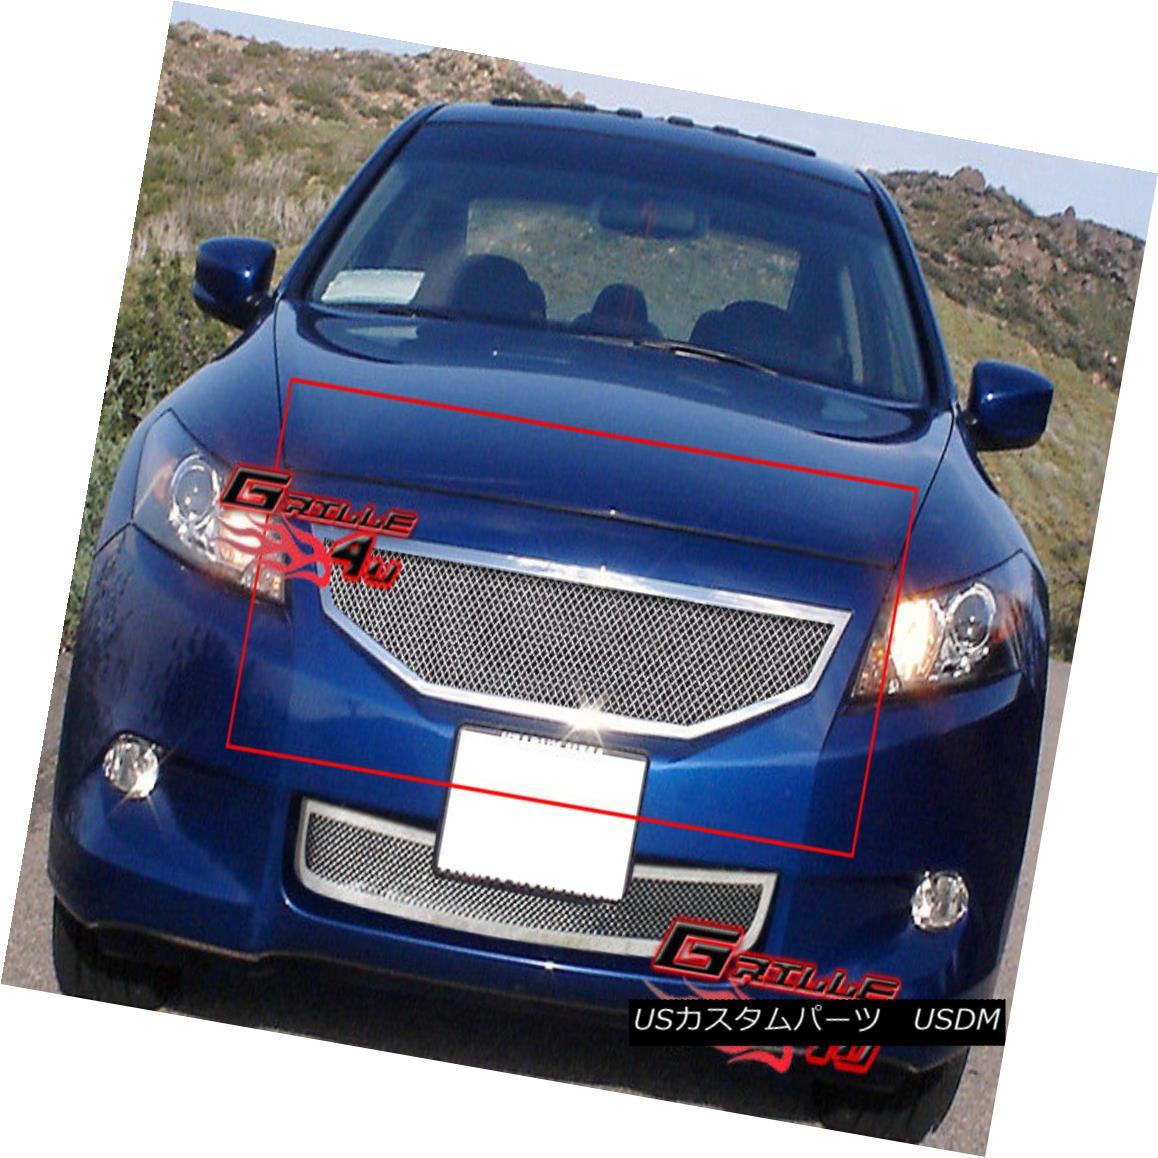 グリル For 08-10 Honda Accord Coupe Stainless Mesh Grille Insert 08-10ホンダアコードクーペステンレスメッシュグリルインサート